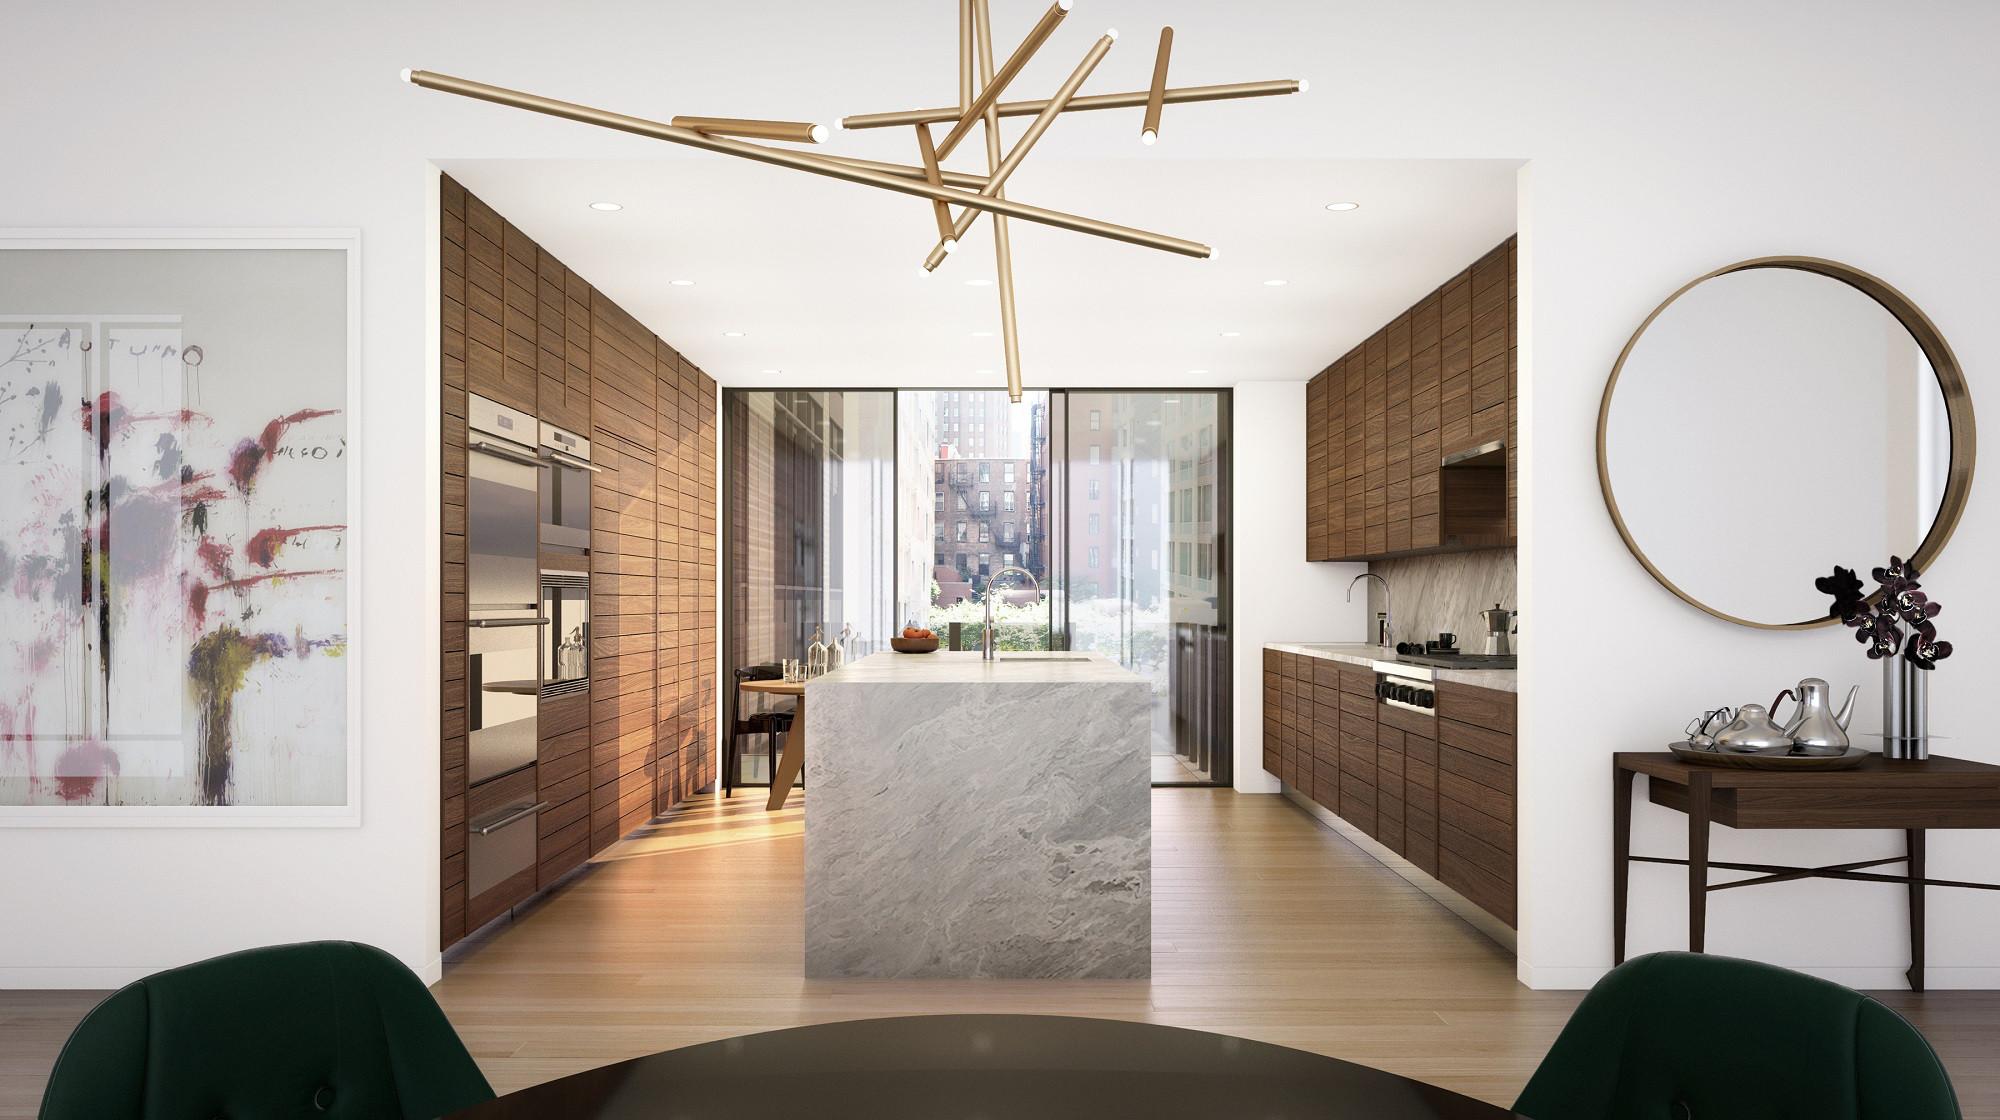 27wooster_view03_kitchena.jpg